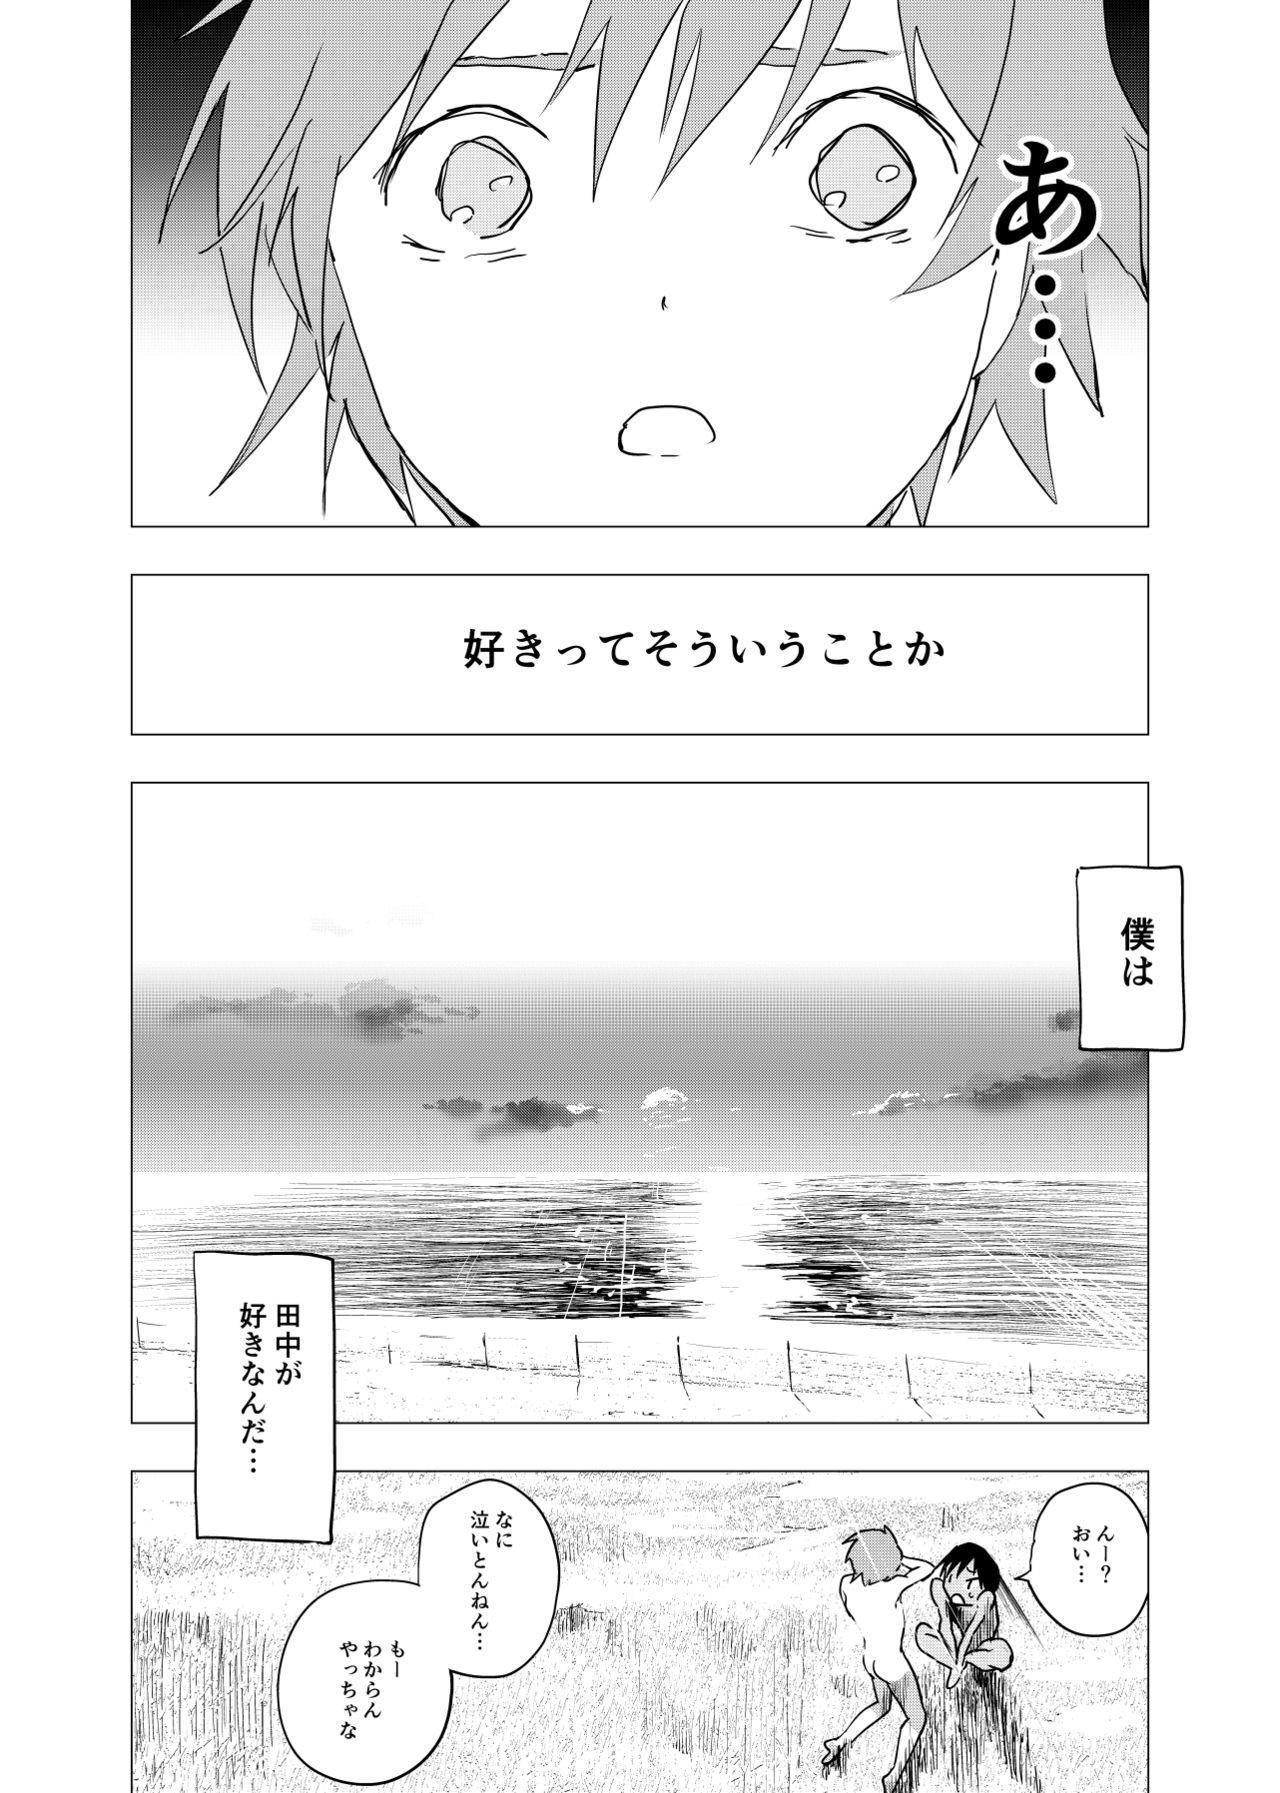 Inaka no Uke Shounen to Tokai no Seme Shounen no Ero Manga 1-6 153